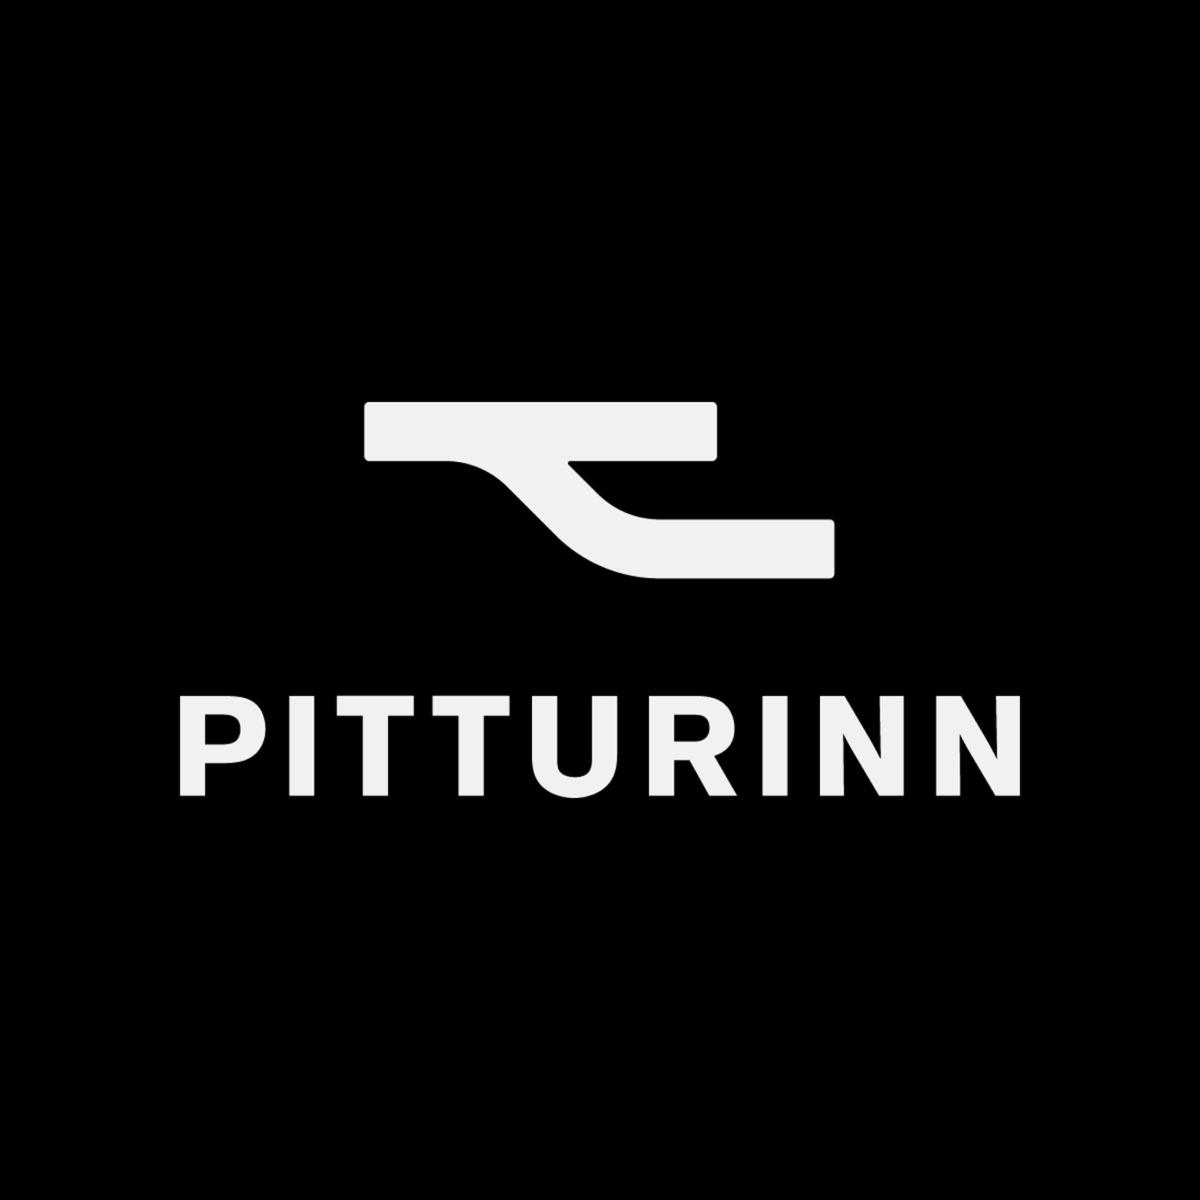 Pitturinn